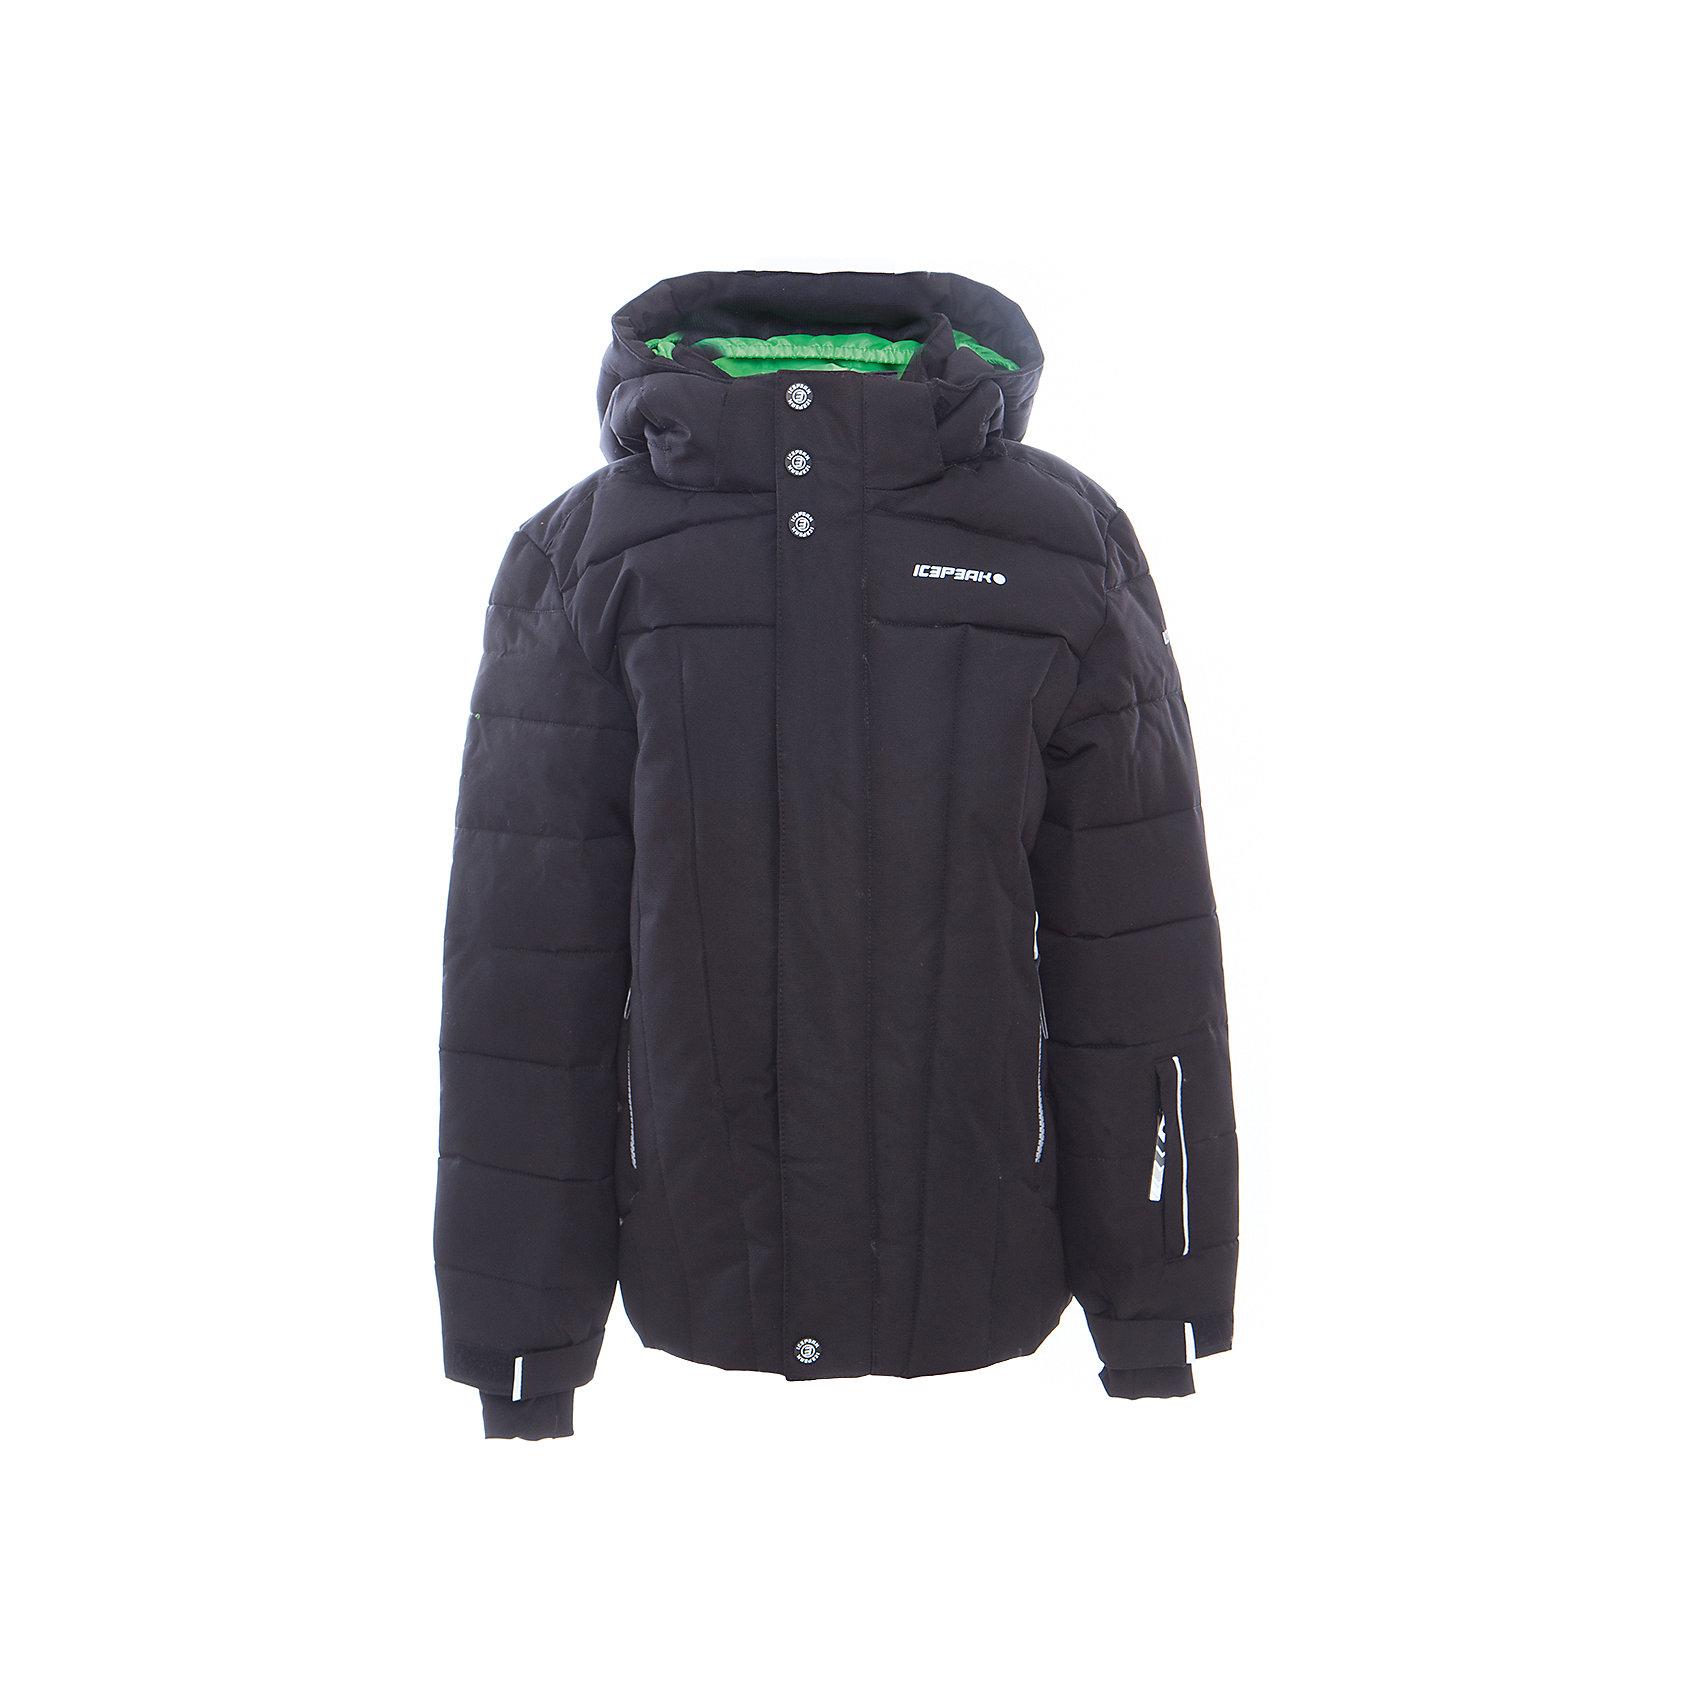 Куртка для мальчика ICEPEAKОдежда<br>Куртка для мальчика от известного бренда ICEPEAK.<br>Куртка с отстегивающимся капюшоном, молния закрыта планкой, сформированный локоть, утяжка в нижней части куртки, снегозащитная юбка, регулируемый манжет на липучке, эластичный внутренний манжет с прорезью для пальца, утепленные и мягкие боковые карманы на молнии, карман для ski pass, мягкий и теплый внутренний воротник, светоотражающие элементы, утеплитель искусственный пух Finnwad, утепление 190/110 гр., рекомендуемый температурный режим до -25 град.,Icetech 10 000mm/5000 g, Super soft touch, Children's safety, Reflectors<br>Состав:<br>100% полиэстер<br><br>Ширина мм: 356<br>Глубина мм: 10<br>Высота мм: 245<br>Вес г: 519<br>Цвет: черный<br>Возраст от месяцев: 84<br>Возраст до месяцев: 96<br>Пол: Мужской<br>Возраст: Детский<br>Размер: 128,176,140,152,164<br>SKU: 5413983